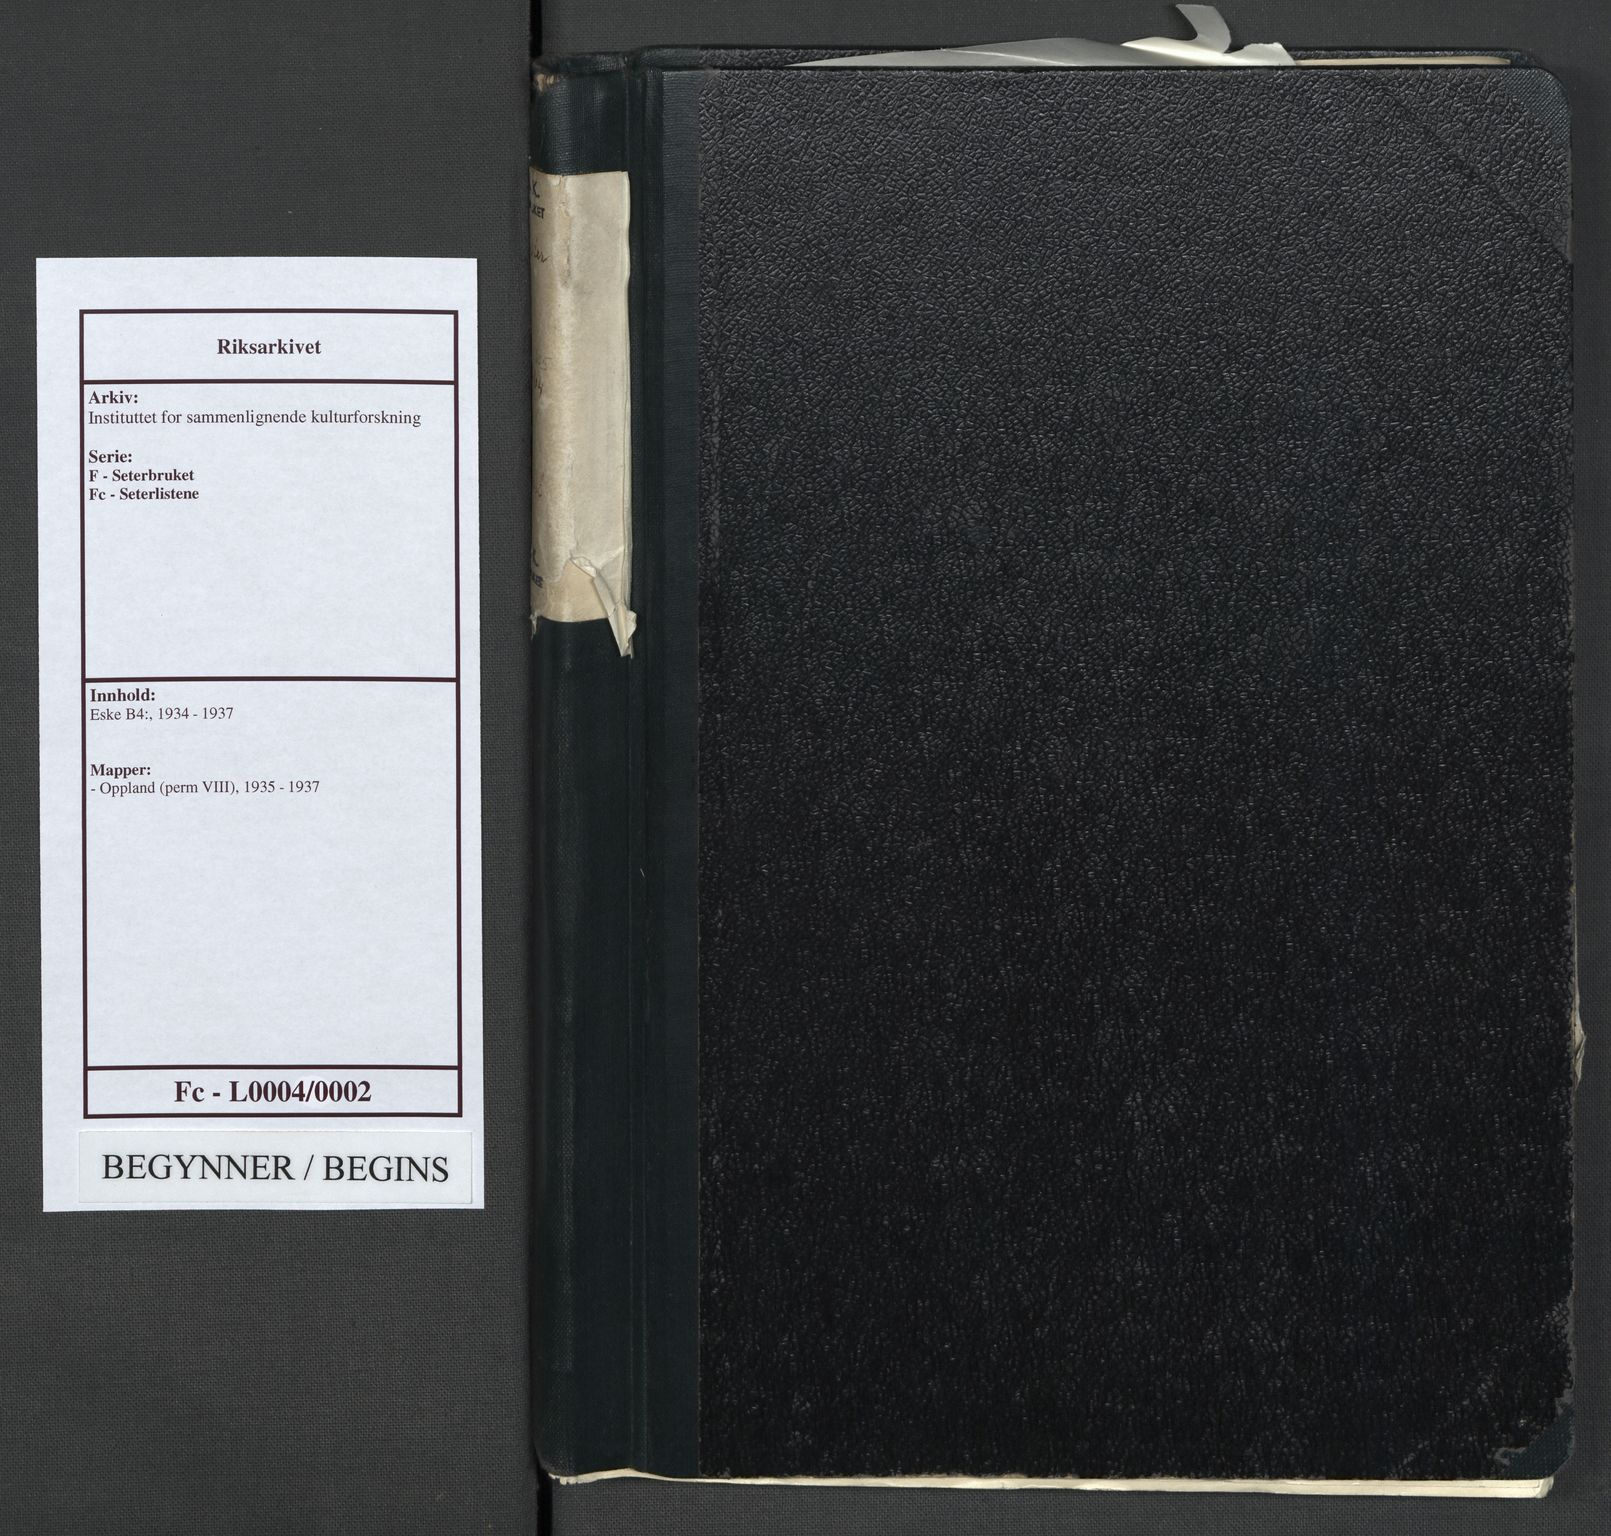 RA, Instituttet for sammenlignende kulturforskning, F/Fc/L0004: Eske B4:, 1935-1937, s. upaginert